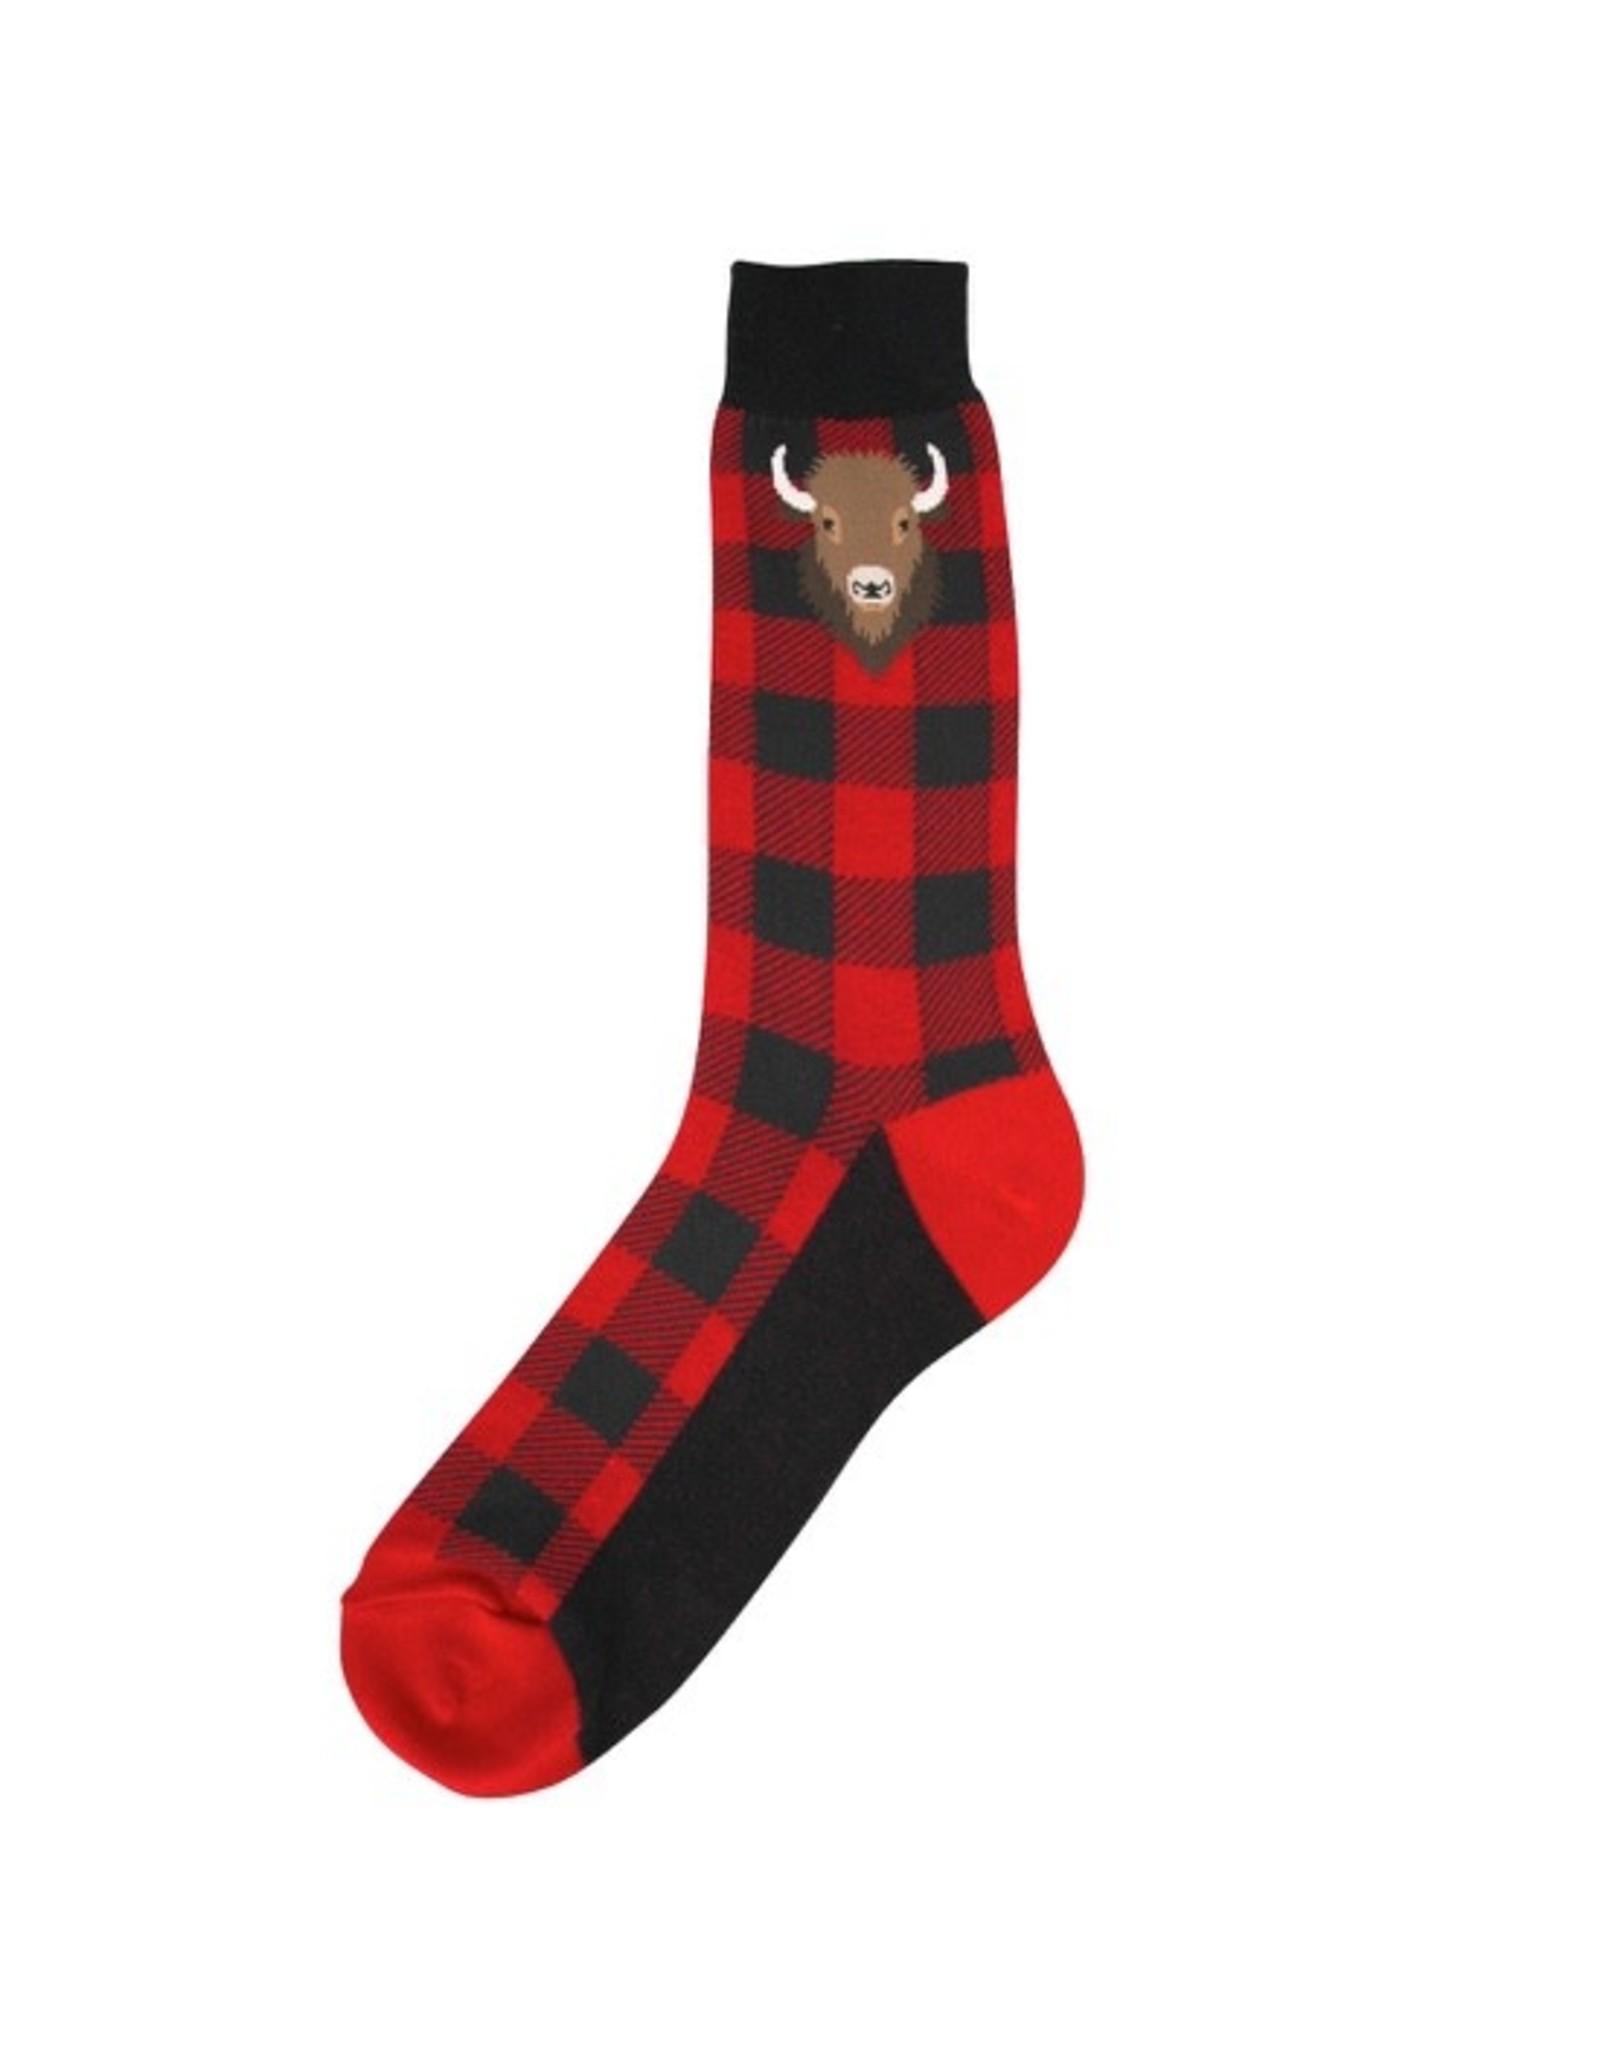 Socks (Mens) - Buffalo Plaid